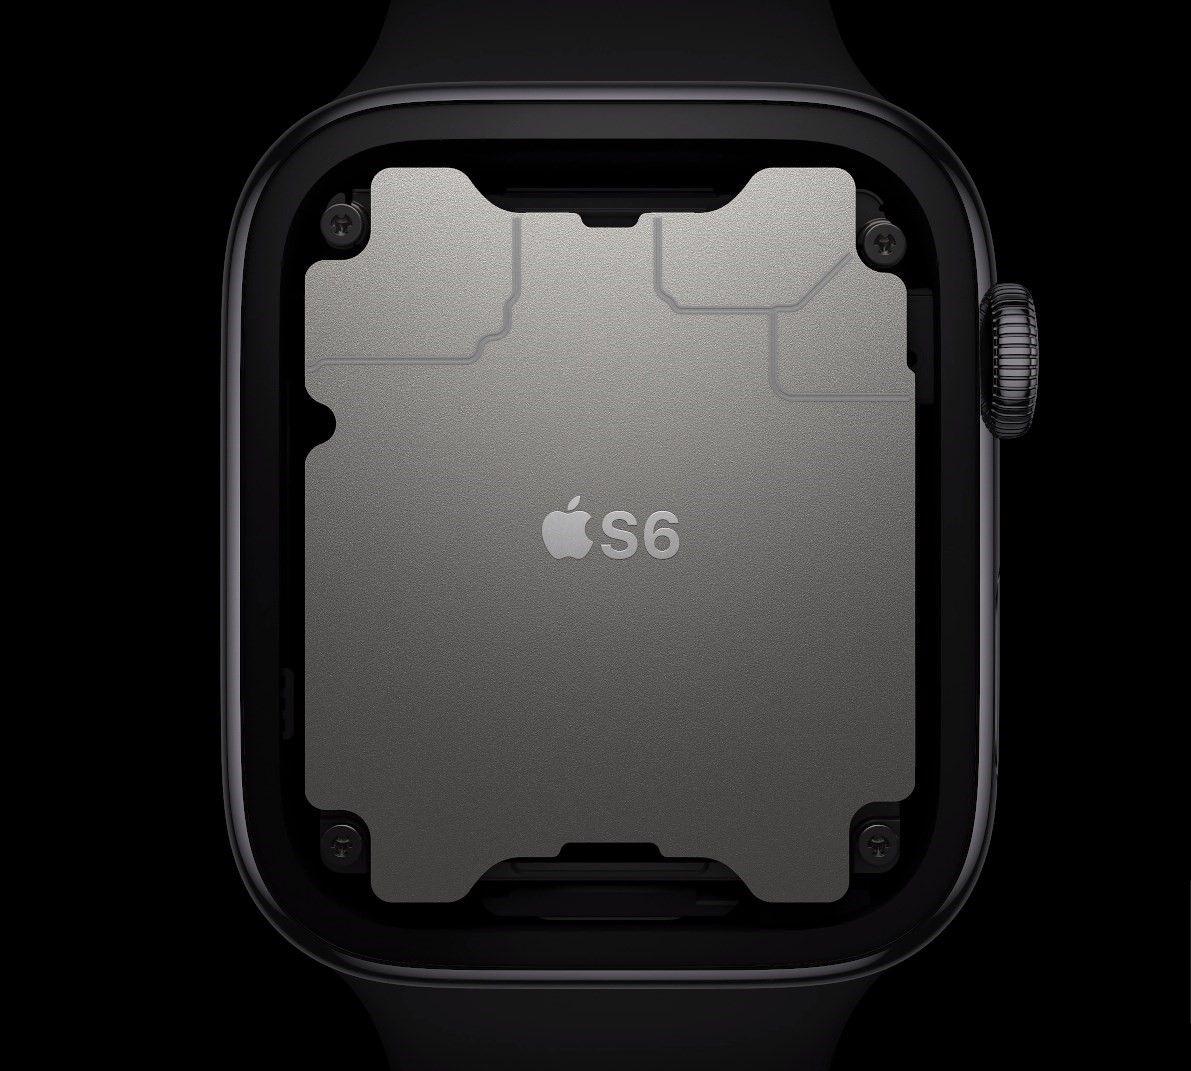 Ilustração do processador S6